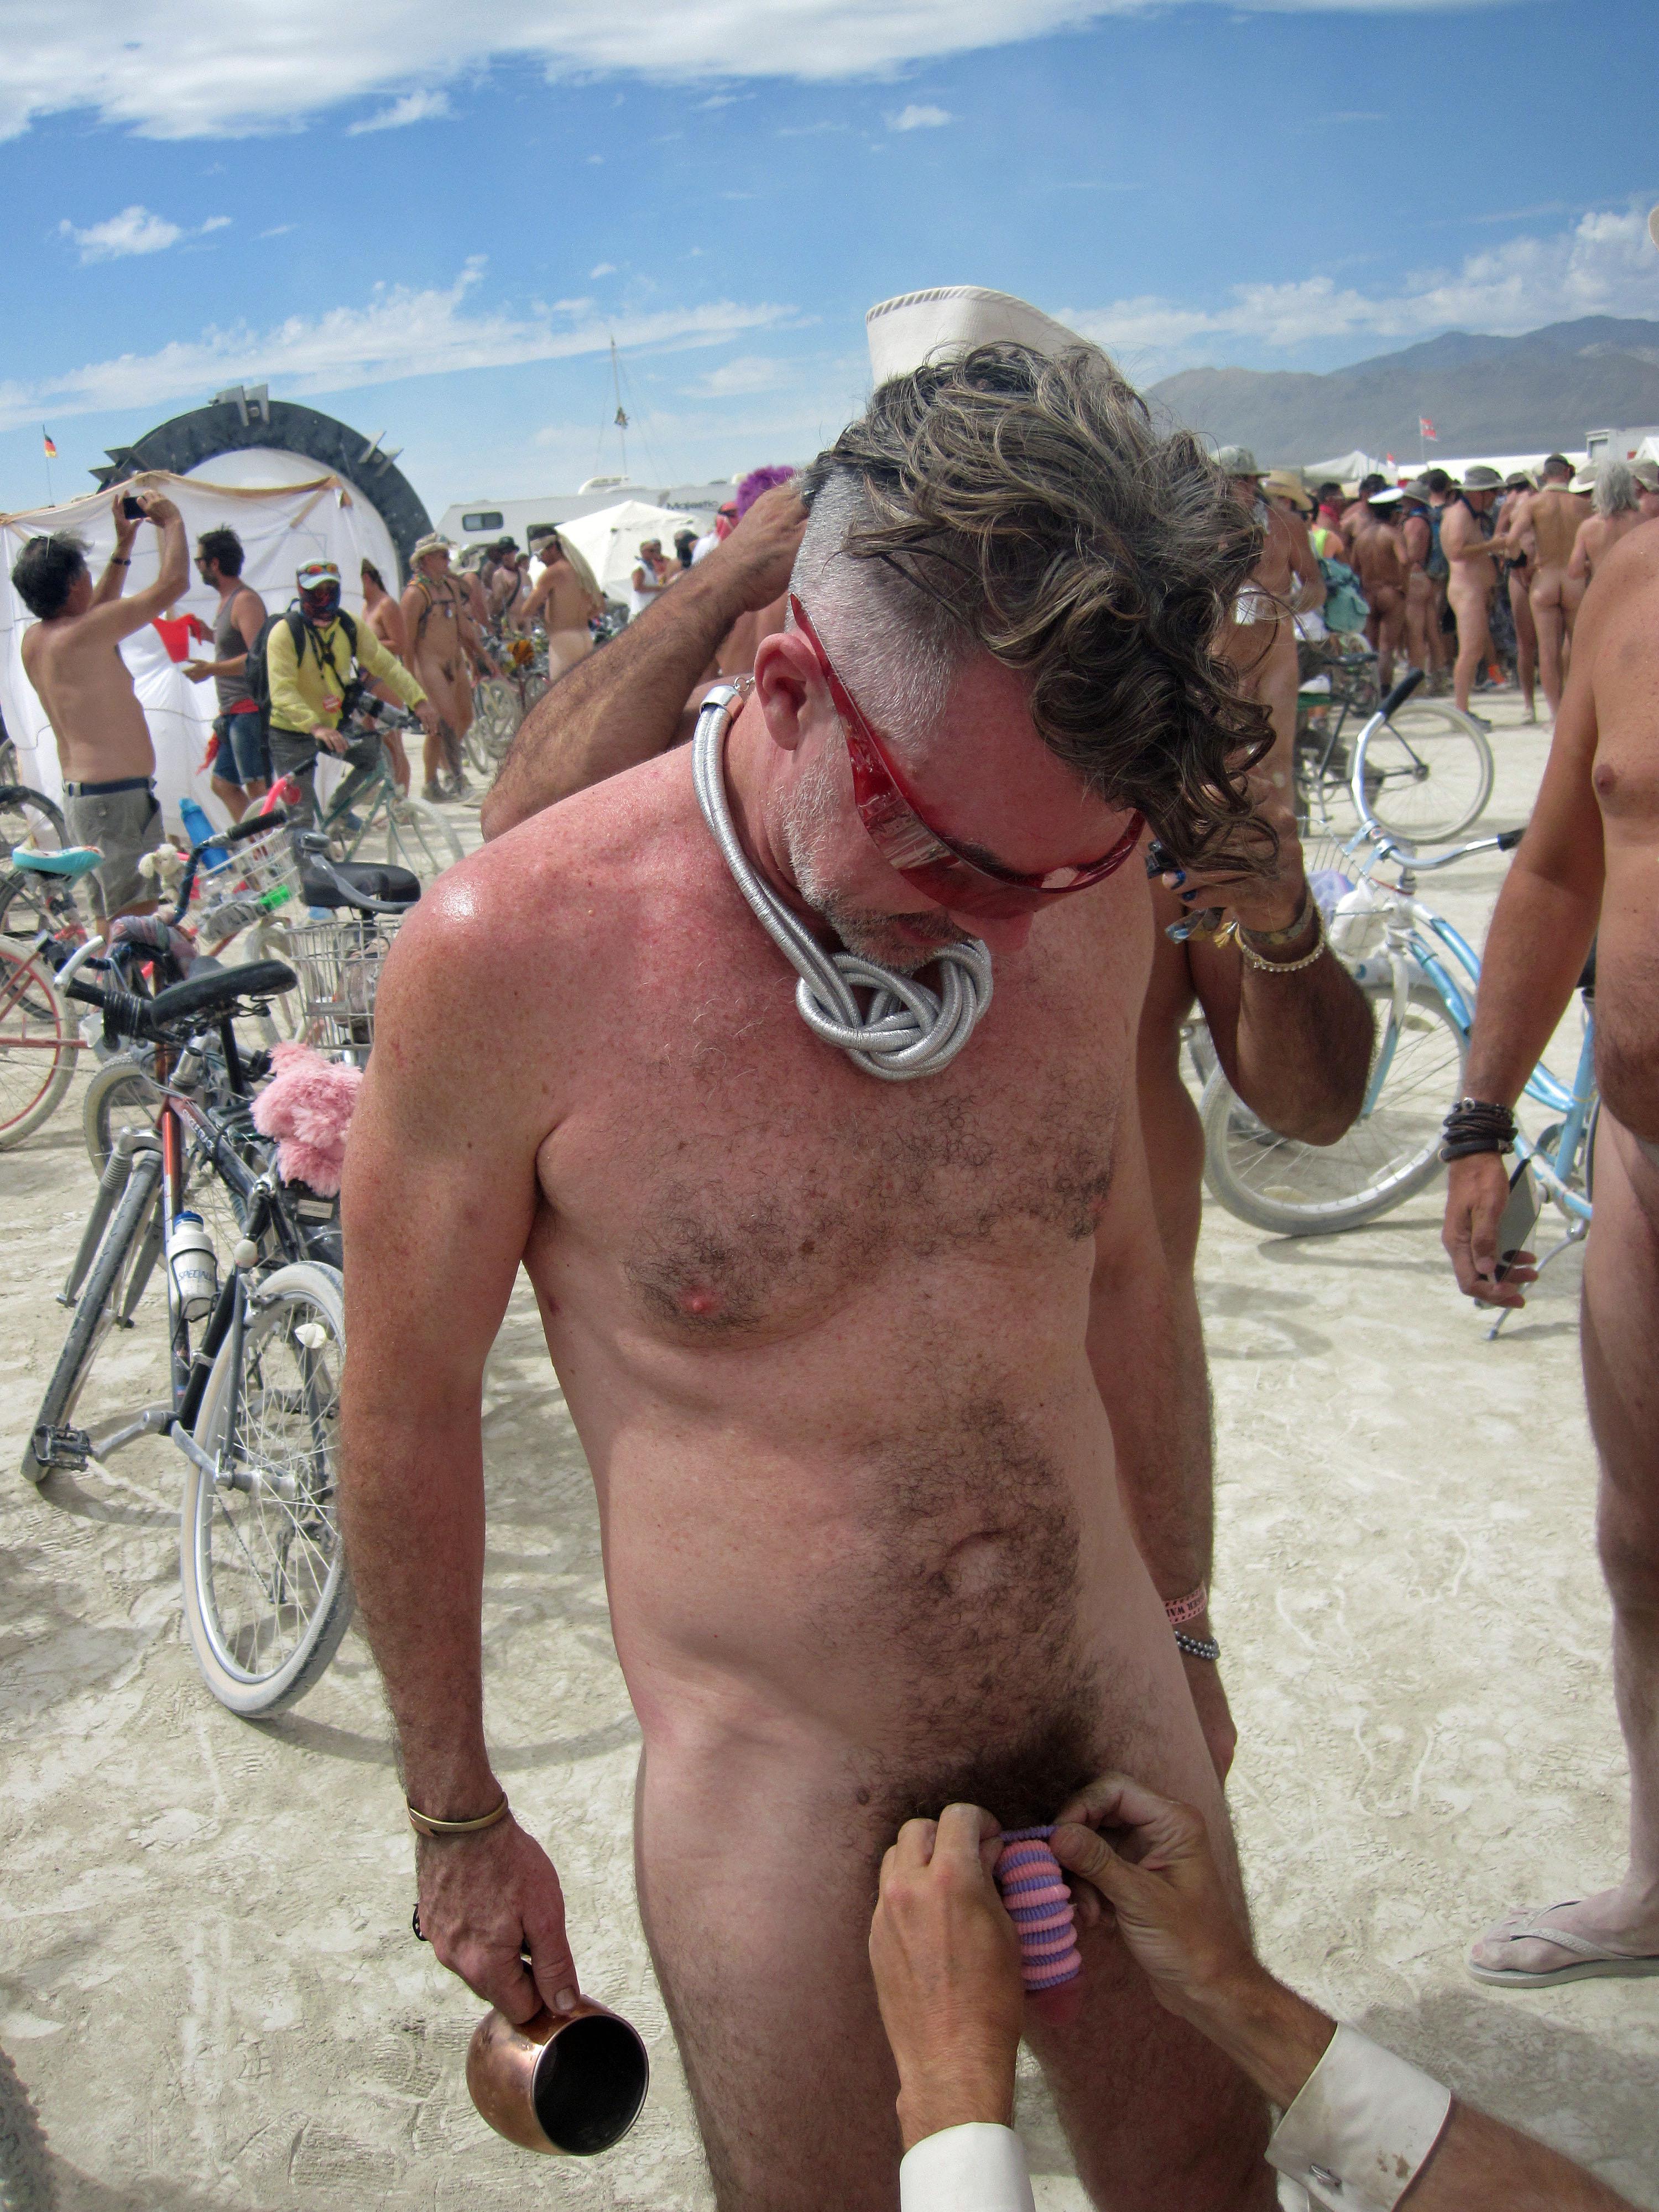 ipernity: Naked Pub Crawl - Burning Man 2016 (6975) - by ...